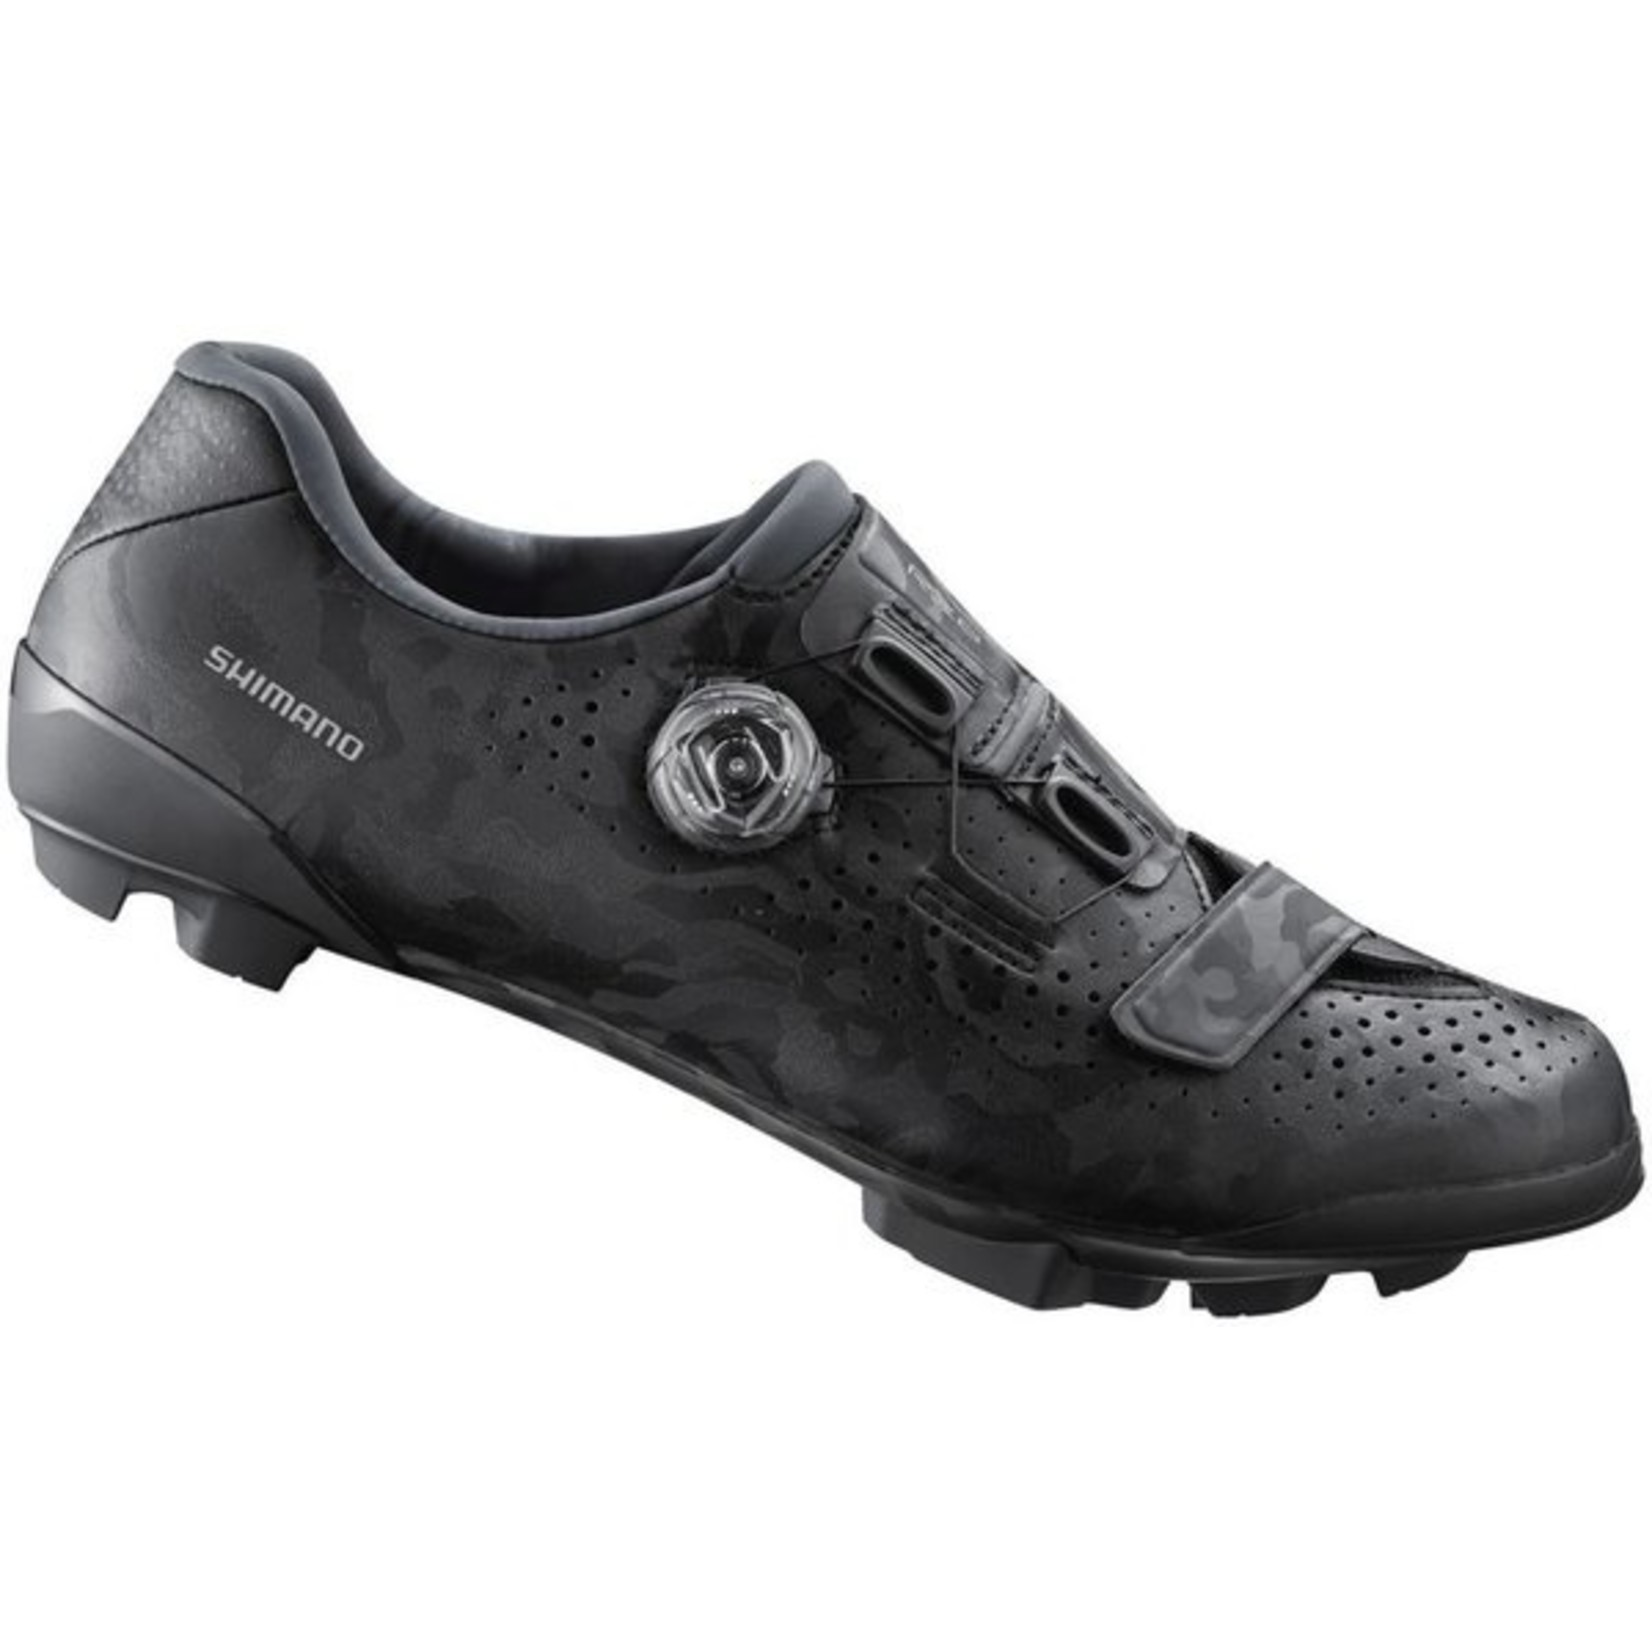 Shimano Shimano RX8 SPD Gravel Shoe